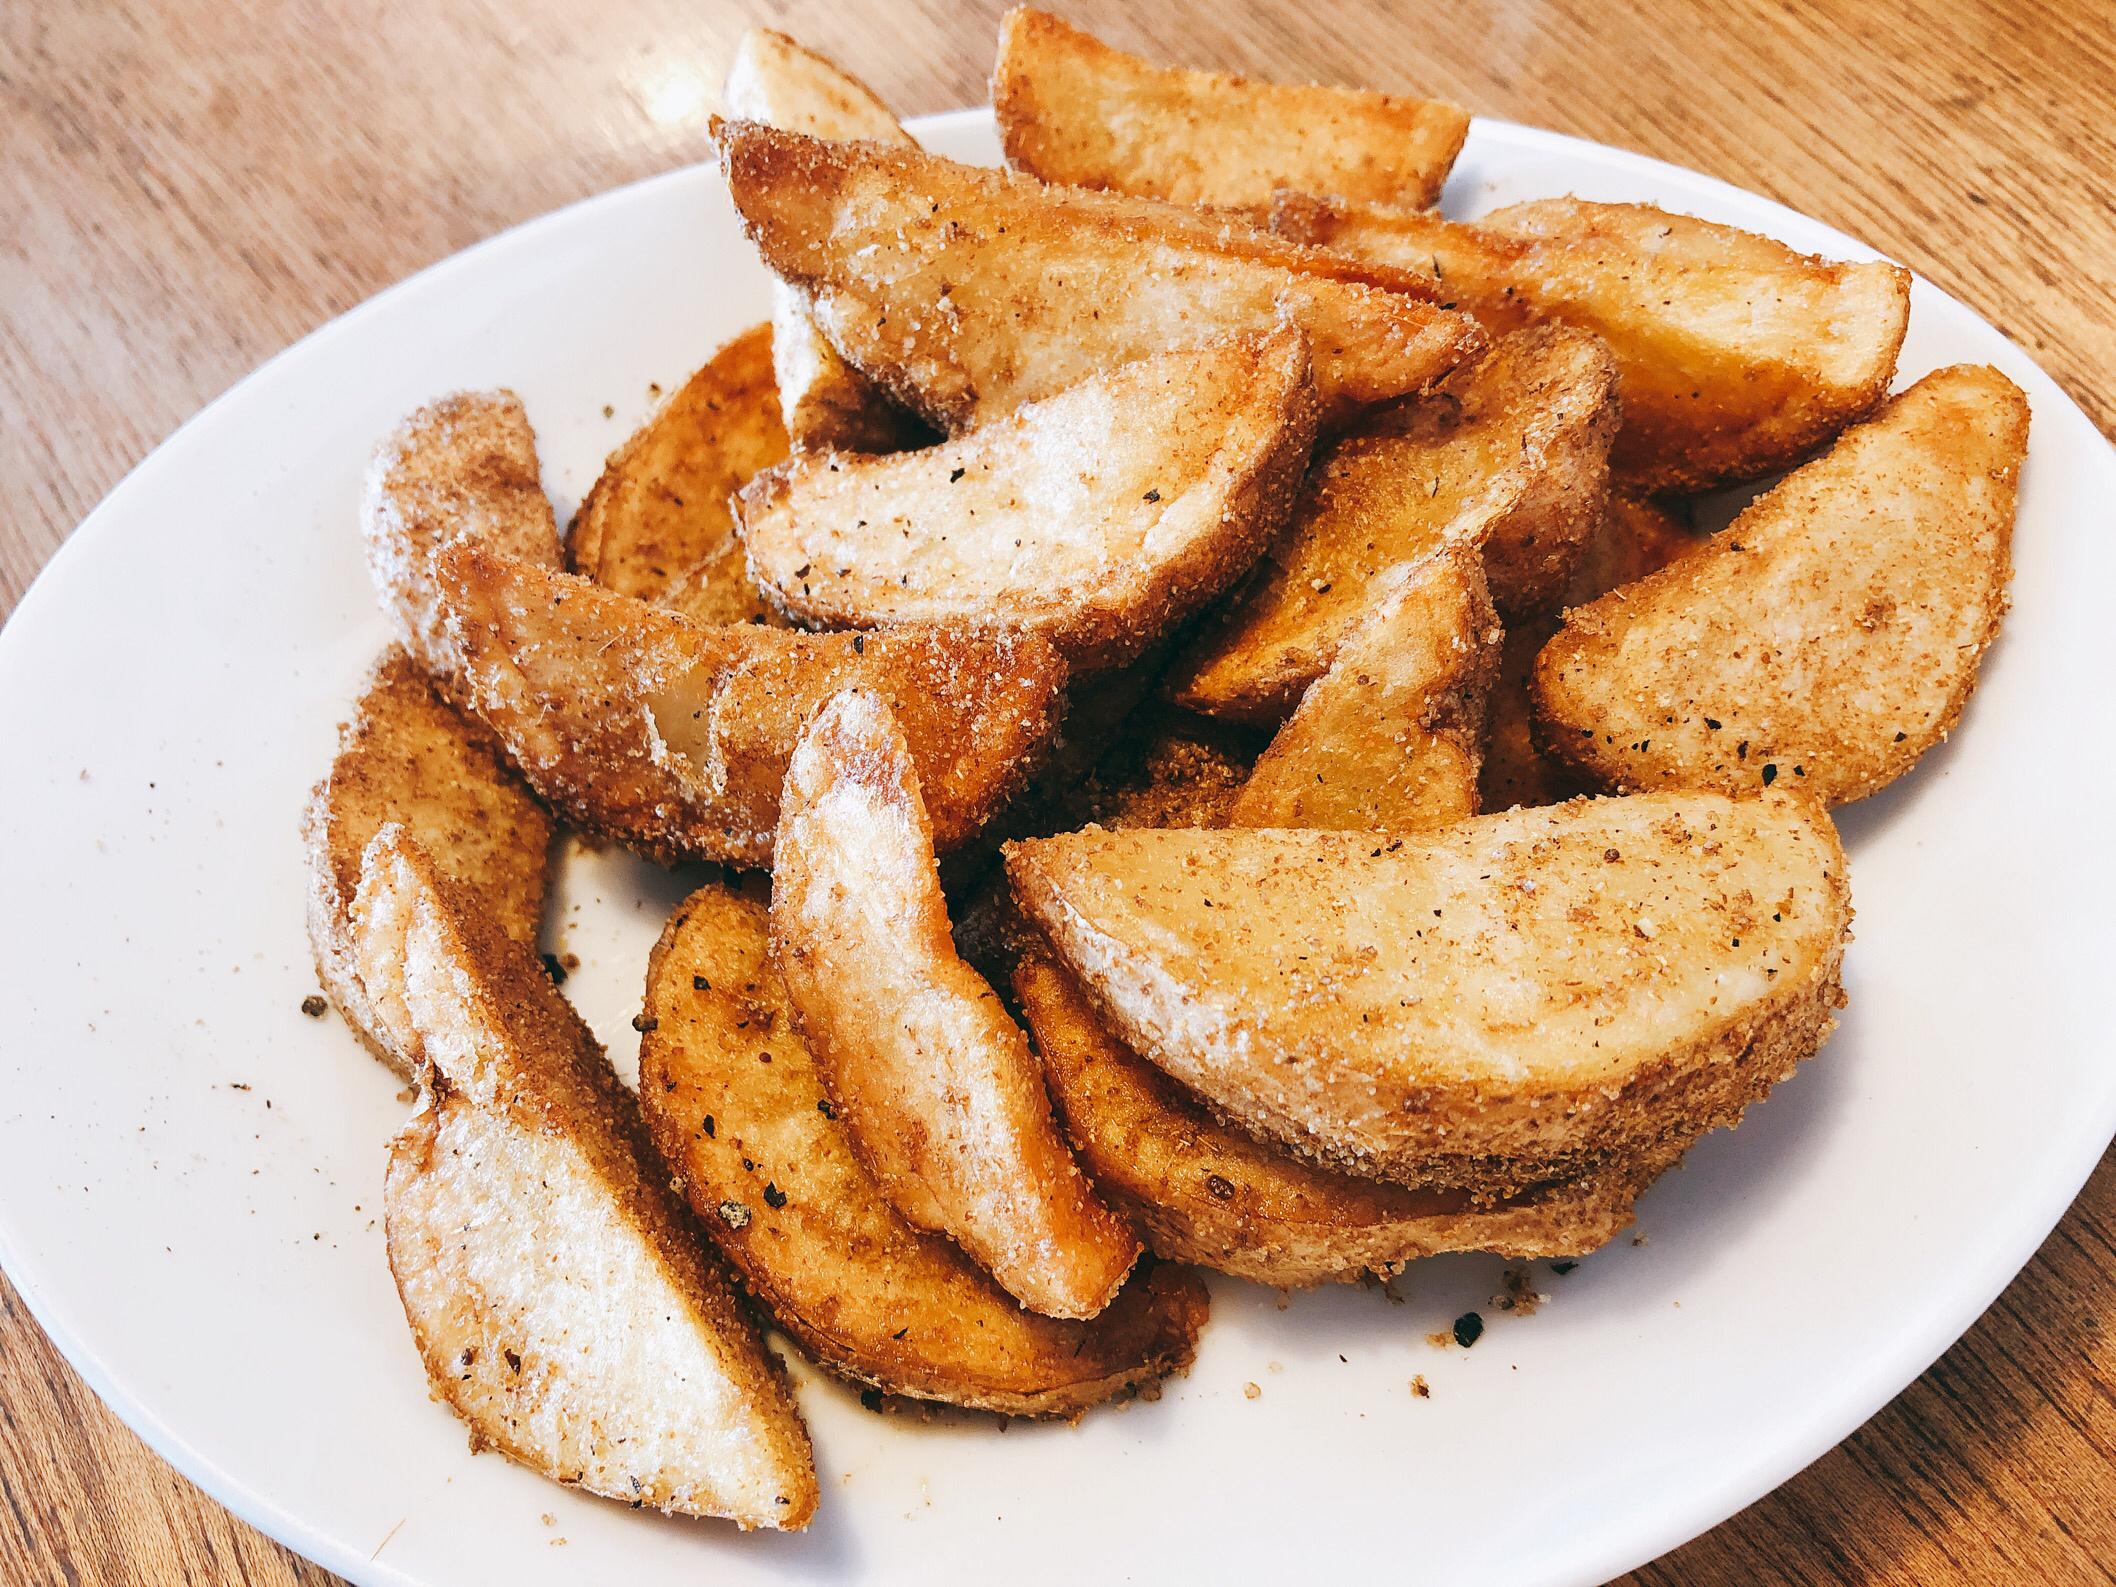 ダブルサンドイッチのスパイシーディープフライドポテト。スパイシーな風味が奥まで入っていて、外はカリっとして美味しい。